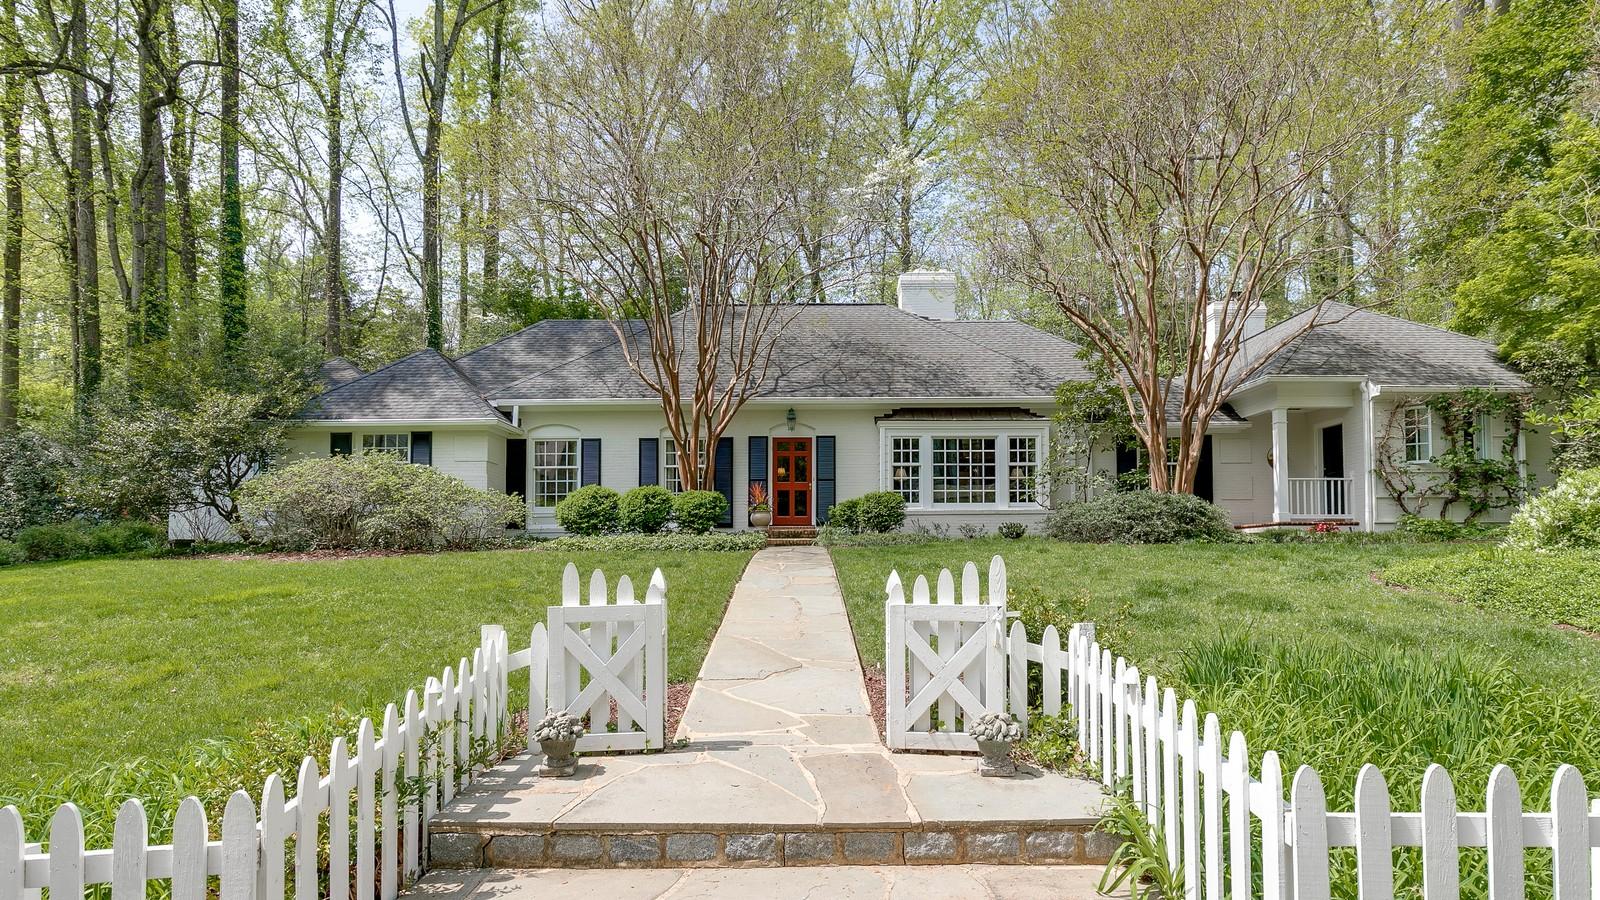 獨棟家庭住宅 為 出售 在 214 Hillwood Avenue, Richmond Richmond, 弗吉尼亞州, 23226 美國